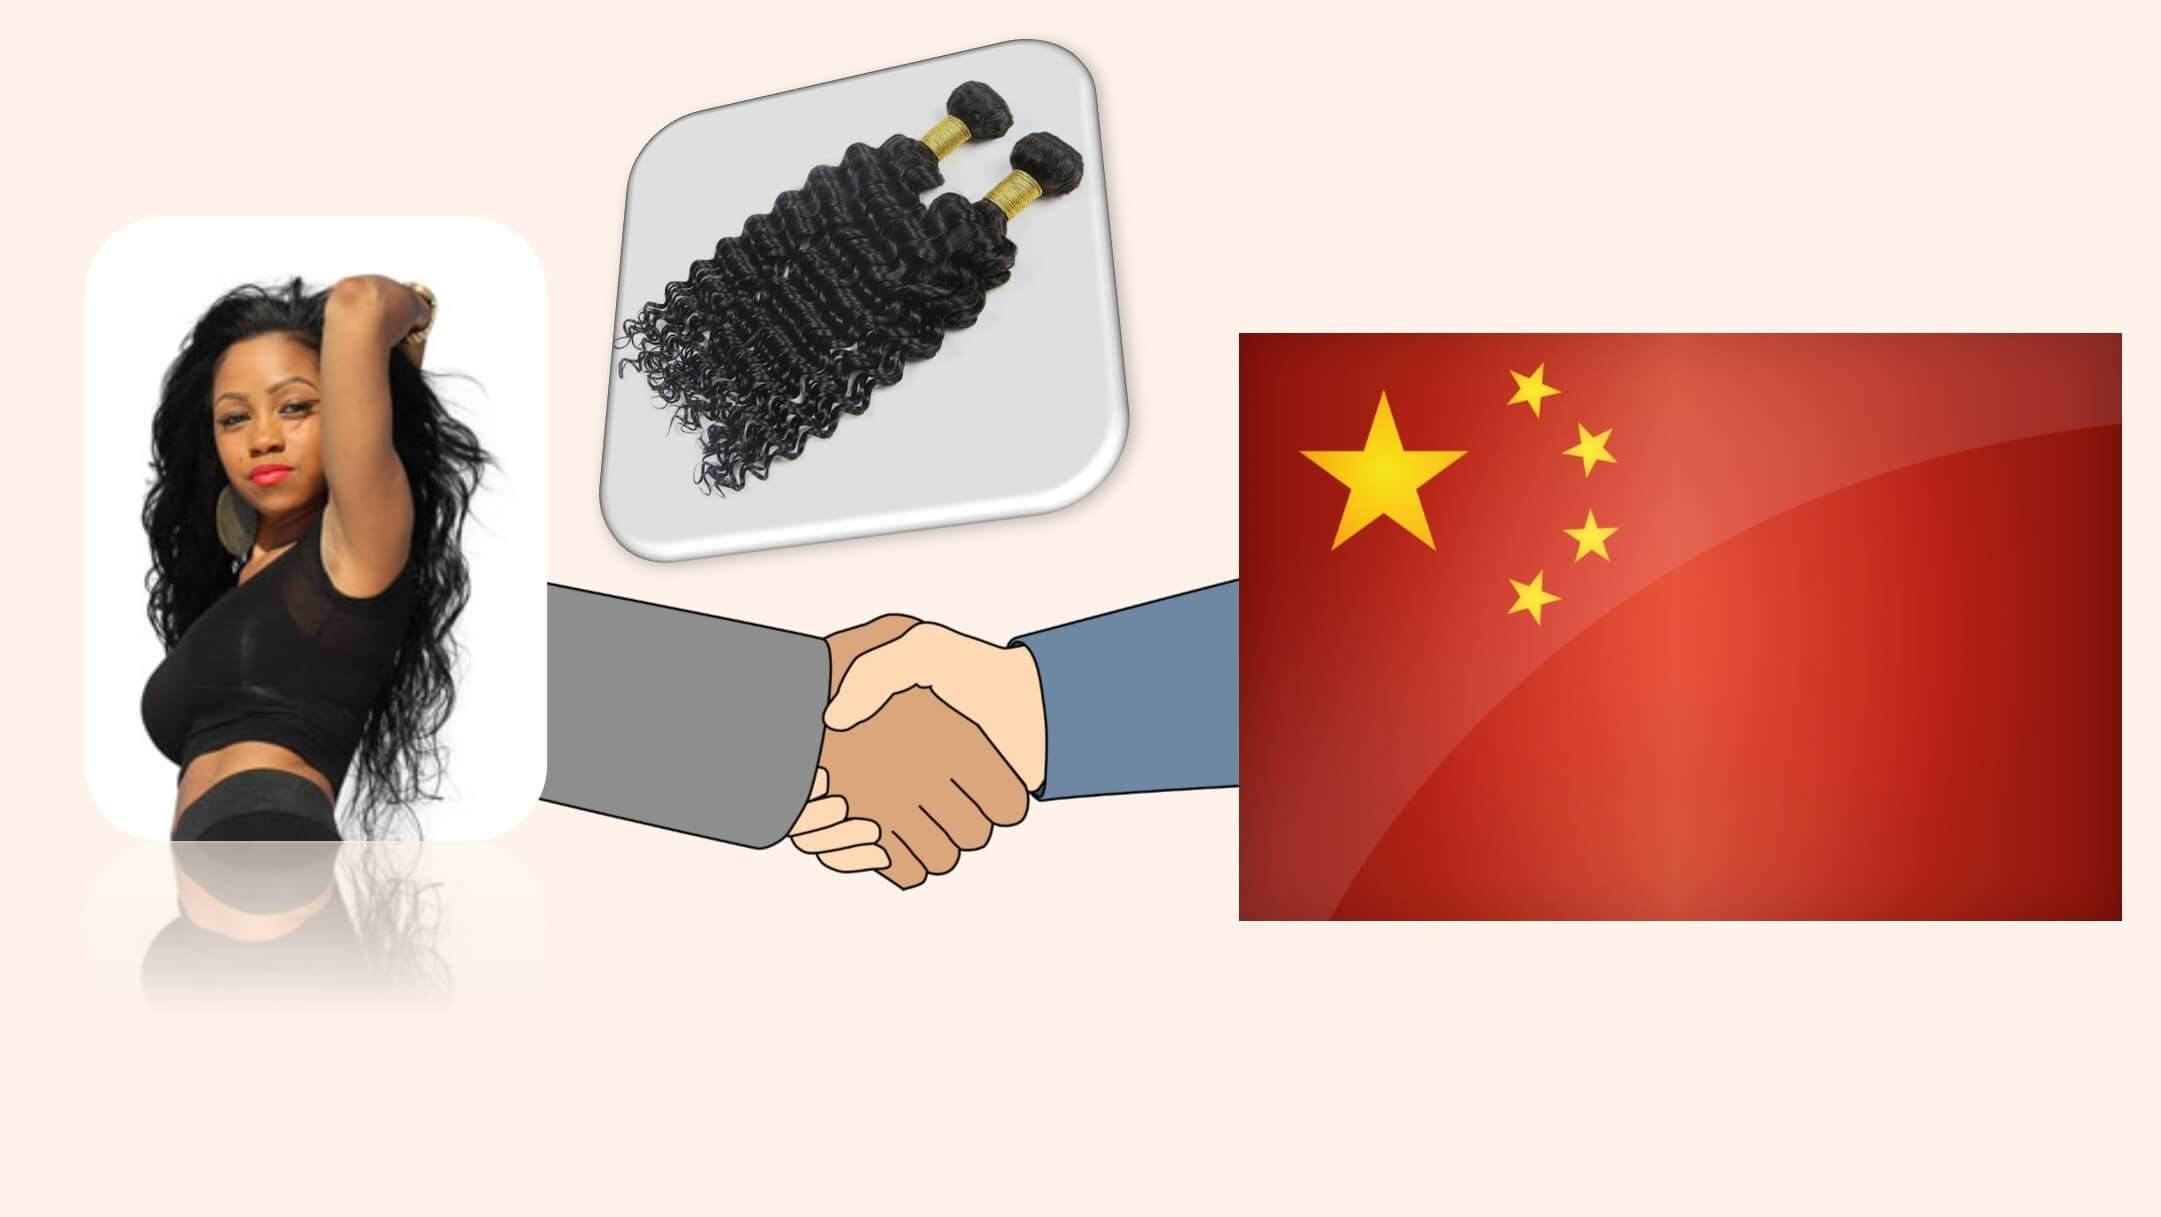 中国假发供应商如何卖假发到国外赚取更多的利润